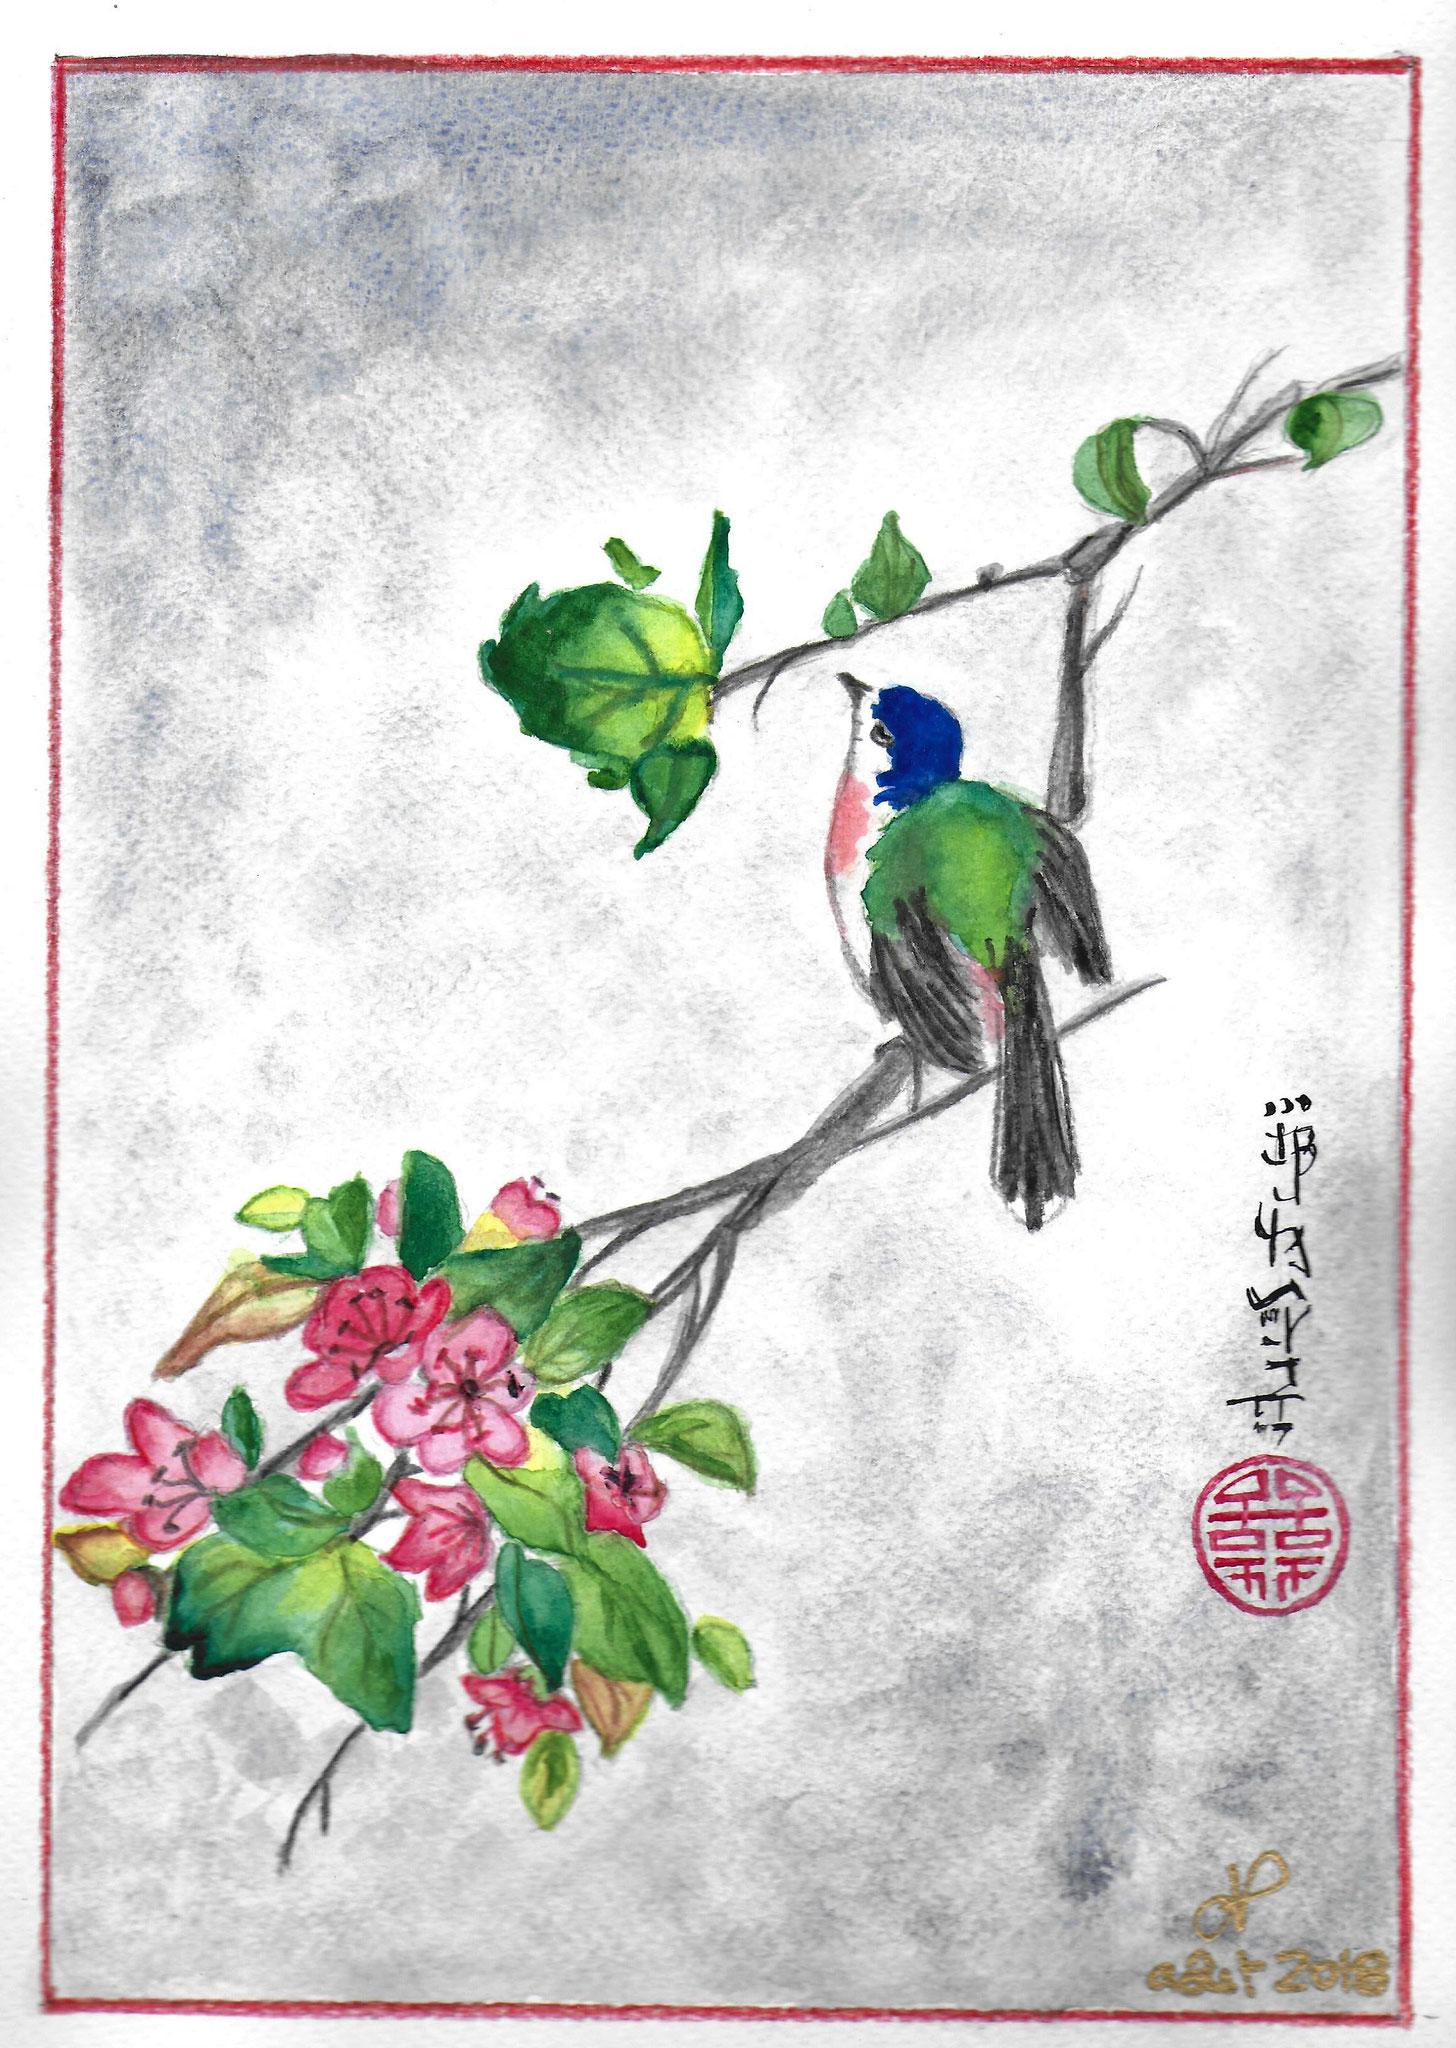 oiseau japonais aout 2018